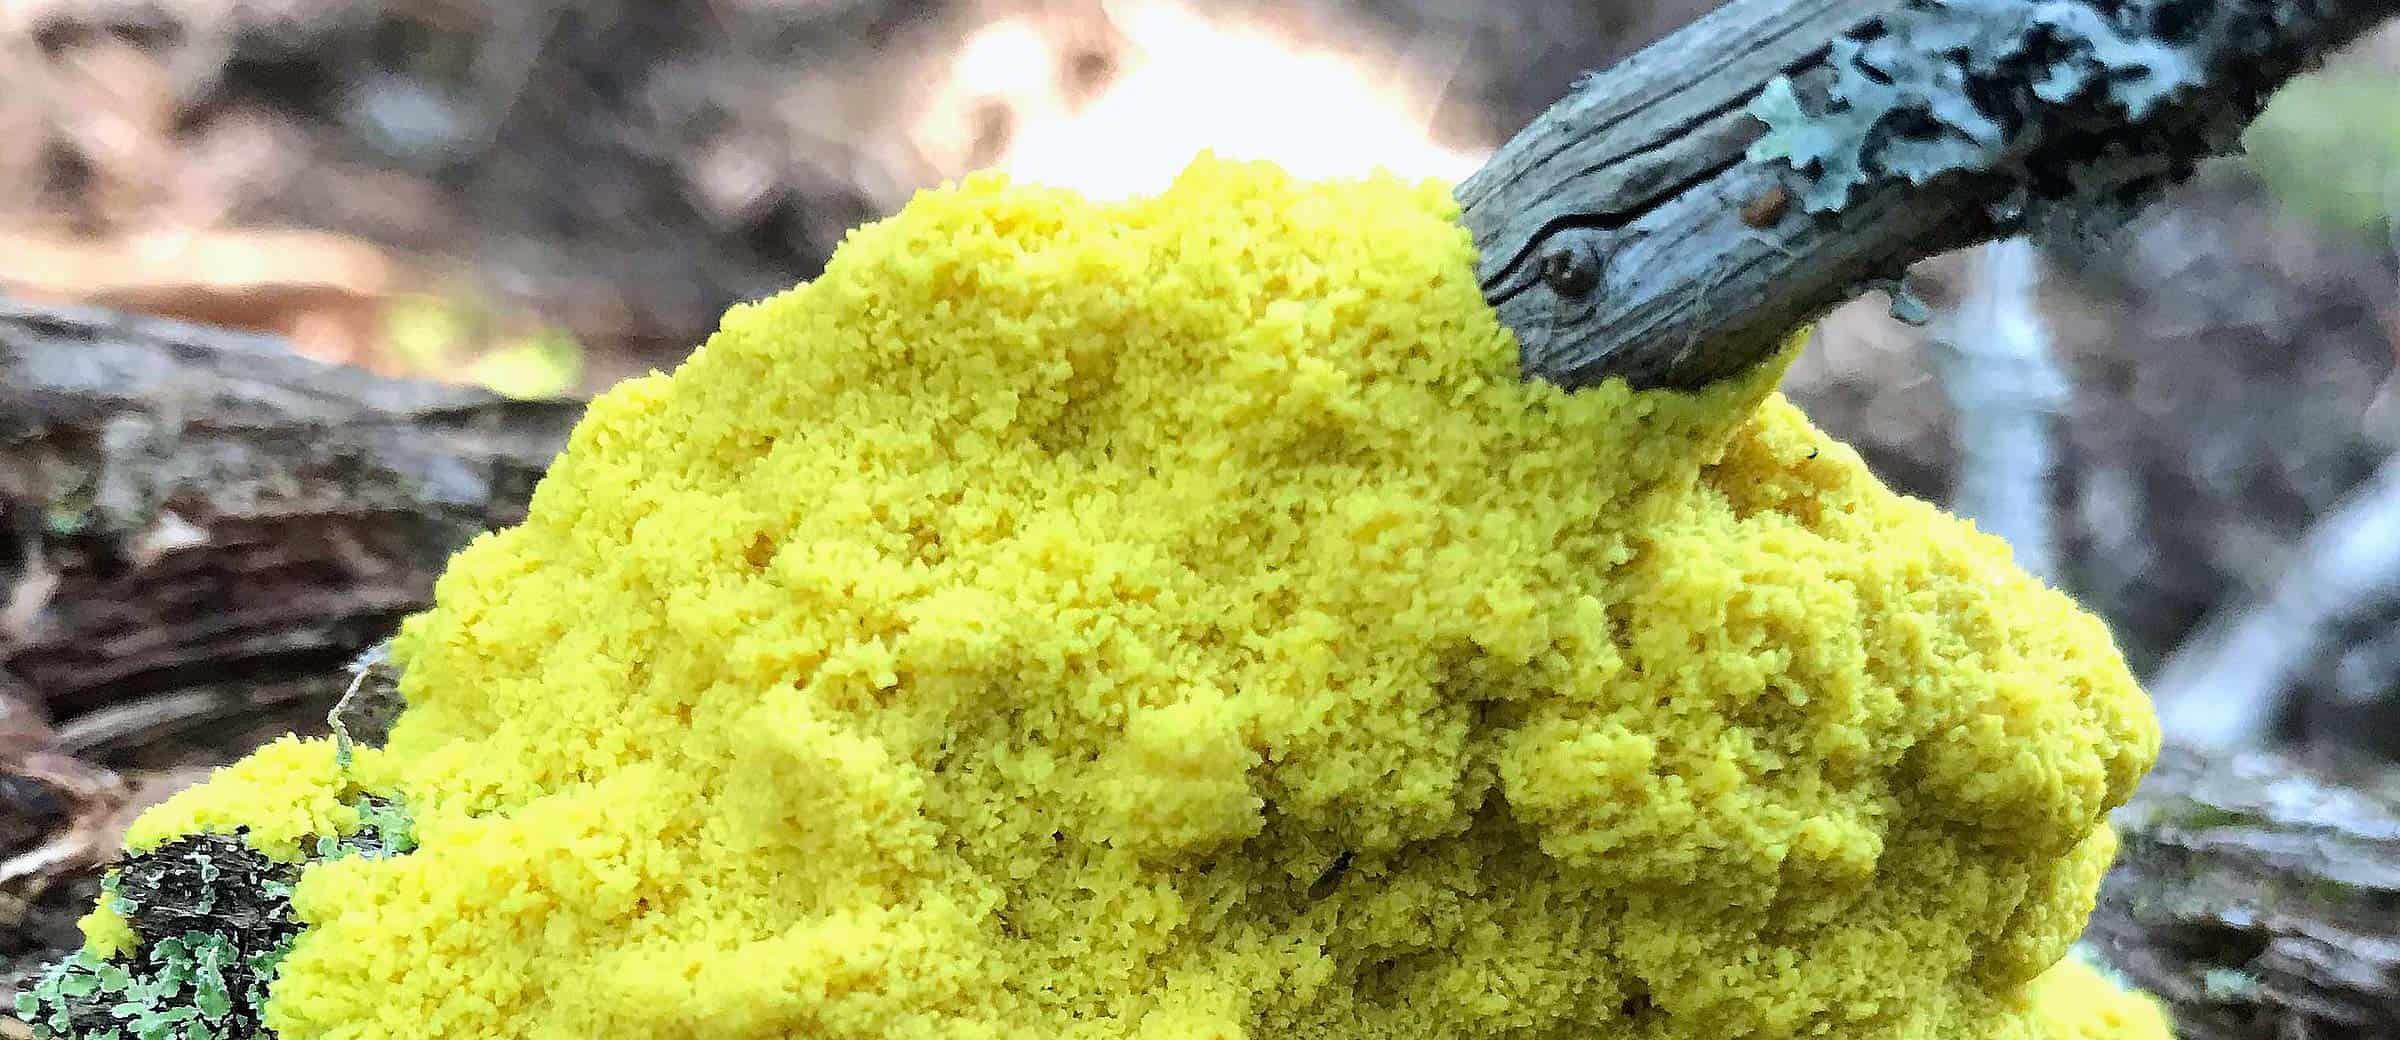 mcht-scrambled-egg-slime-2400x1040.jpg